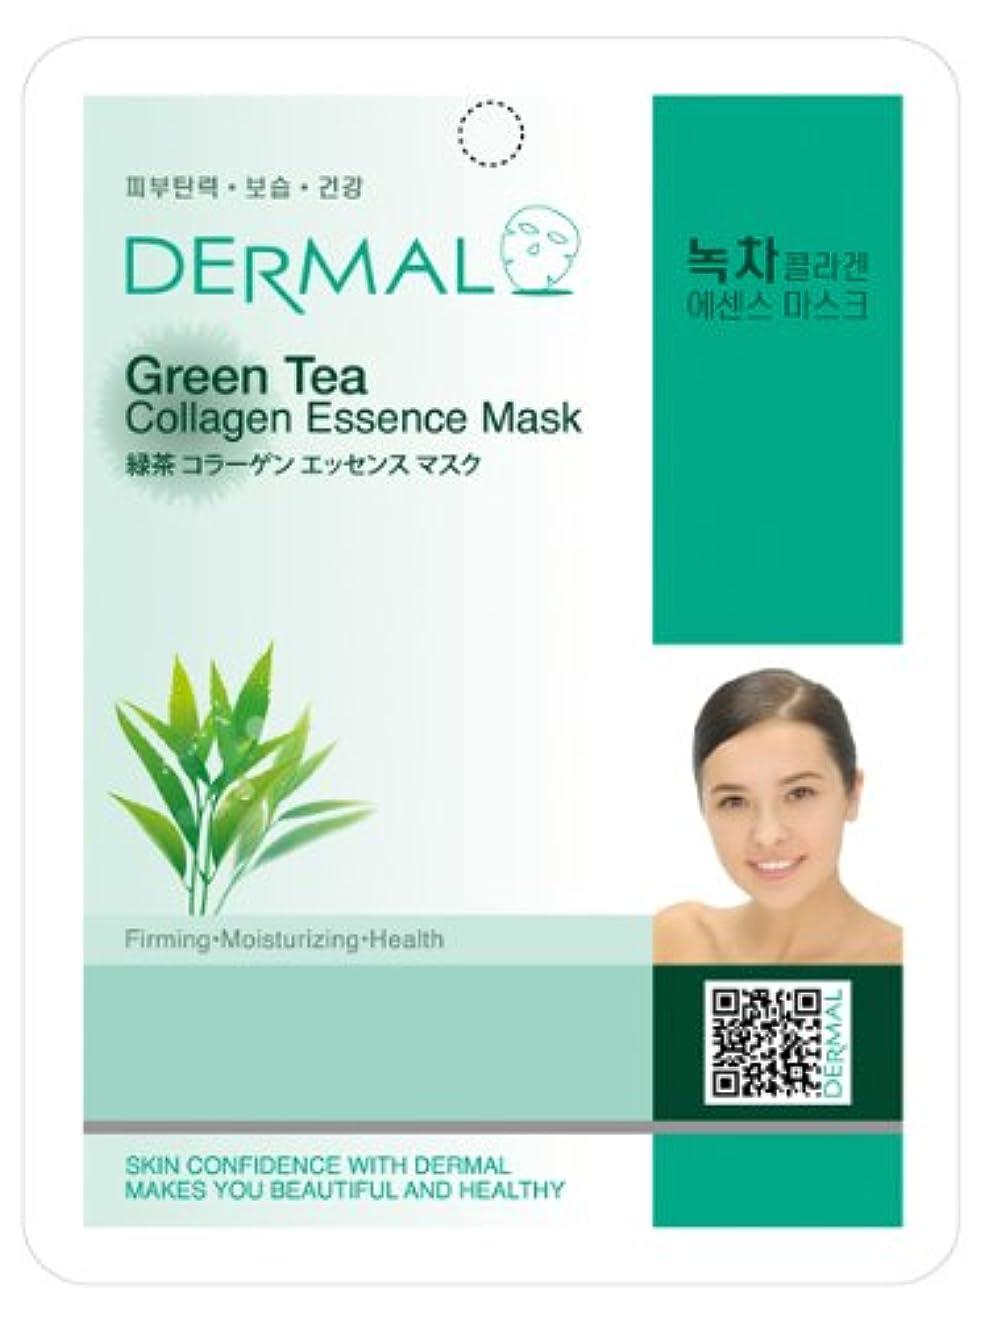 静かなペチコートそれからシートマスク 緑茶 10枚セット ダーマル(Dermal) フェイス パック